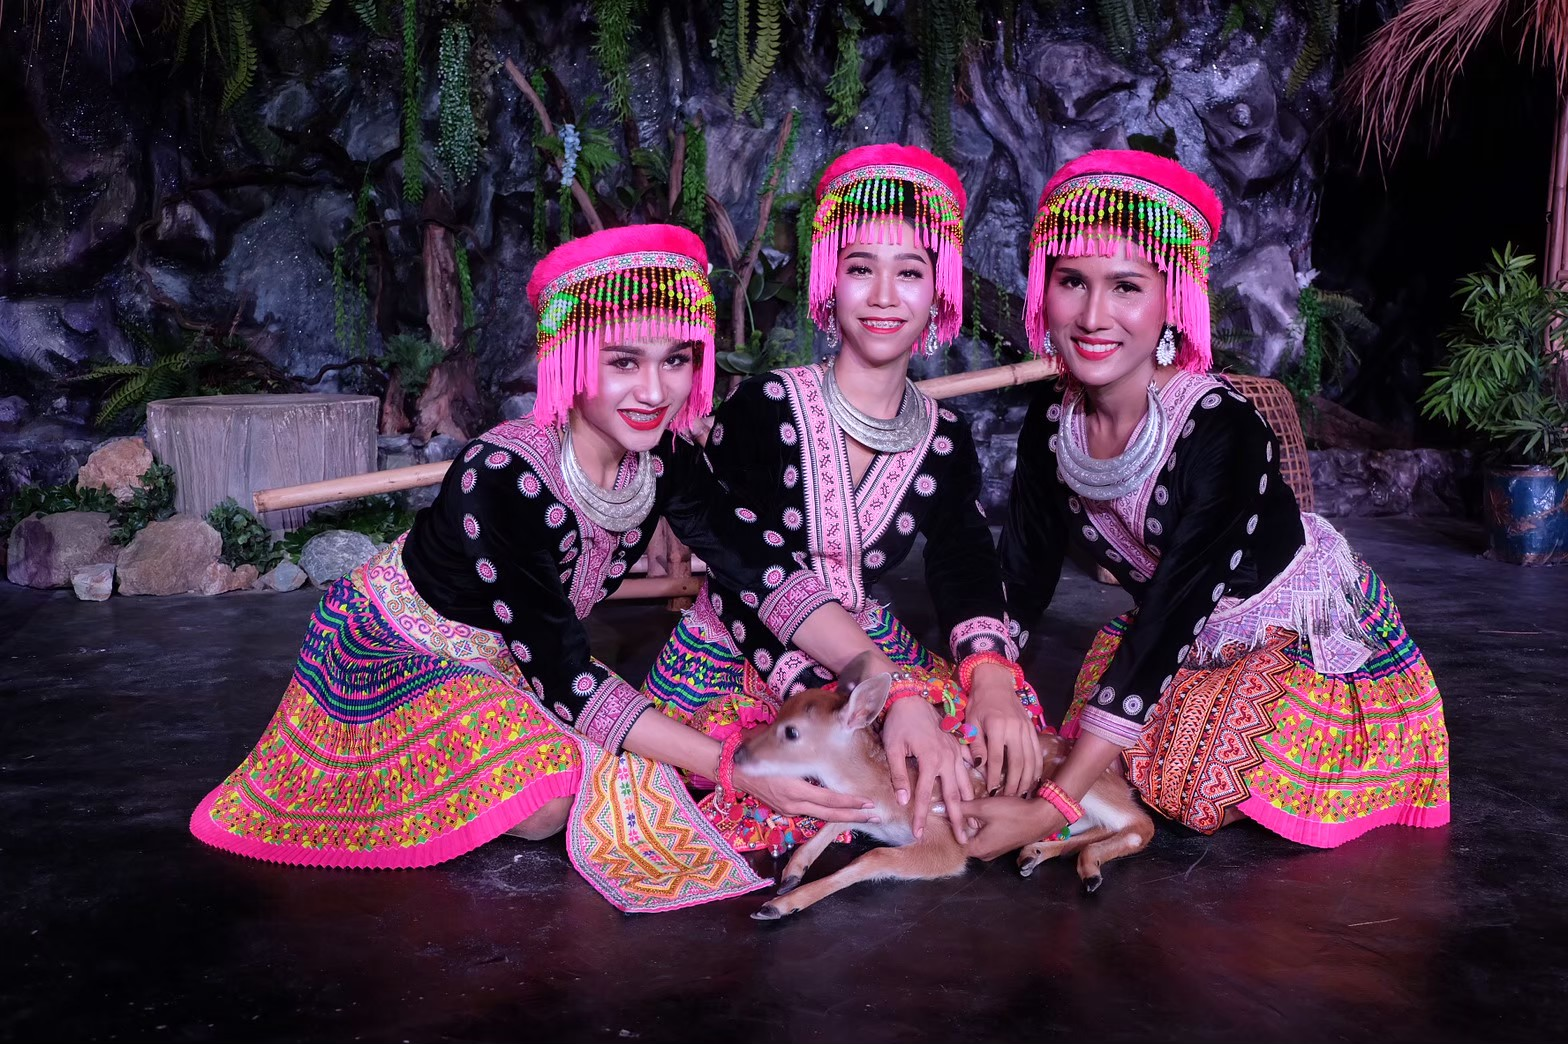 รูป คัชชาช์โชว์พัทยา Kassha Show Pattaya_200103_0032